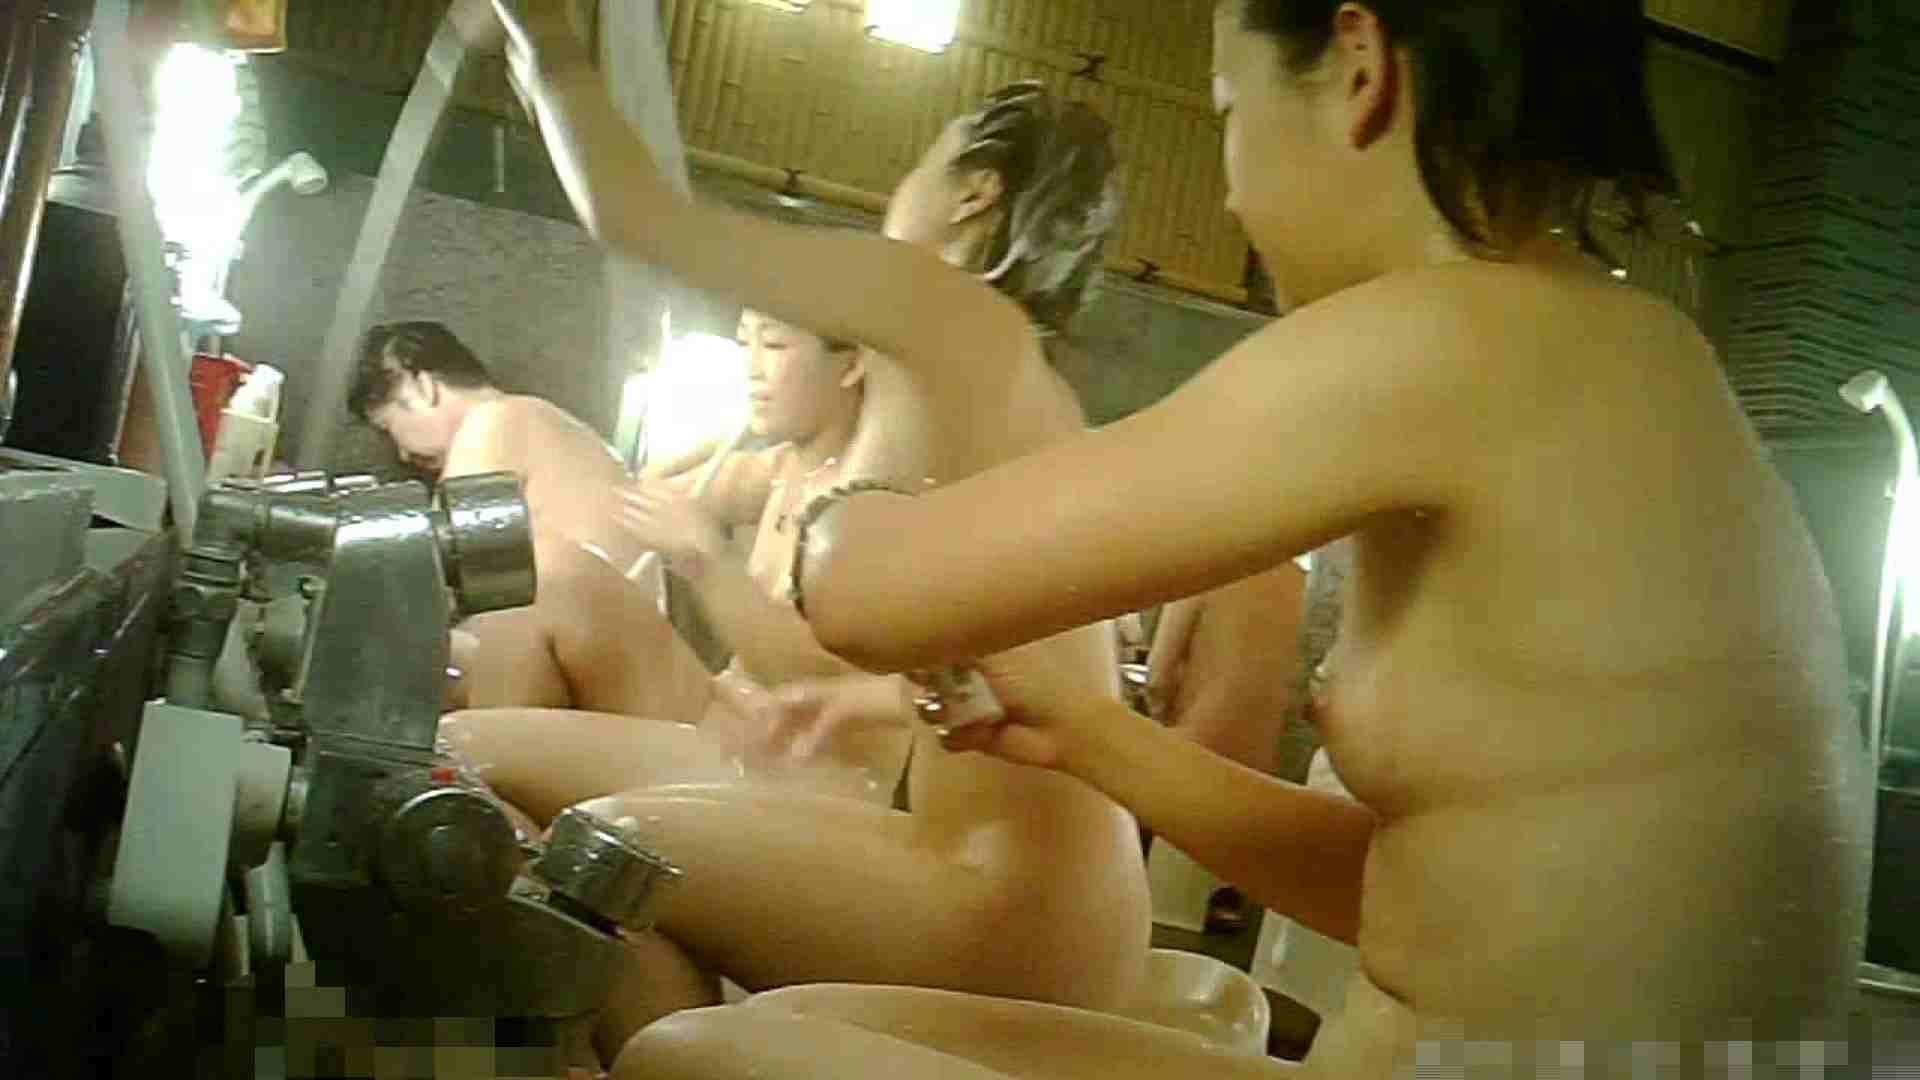 手を染めてしまった女性盗撮師の女風呂潜入記 vol.006 盗撮師作品 | 美しいOLの裸体  97pic 29